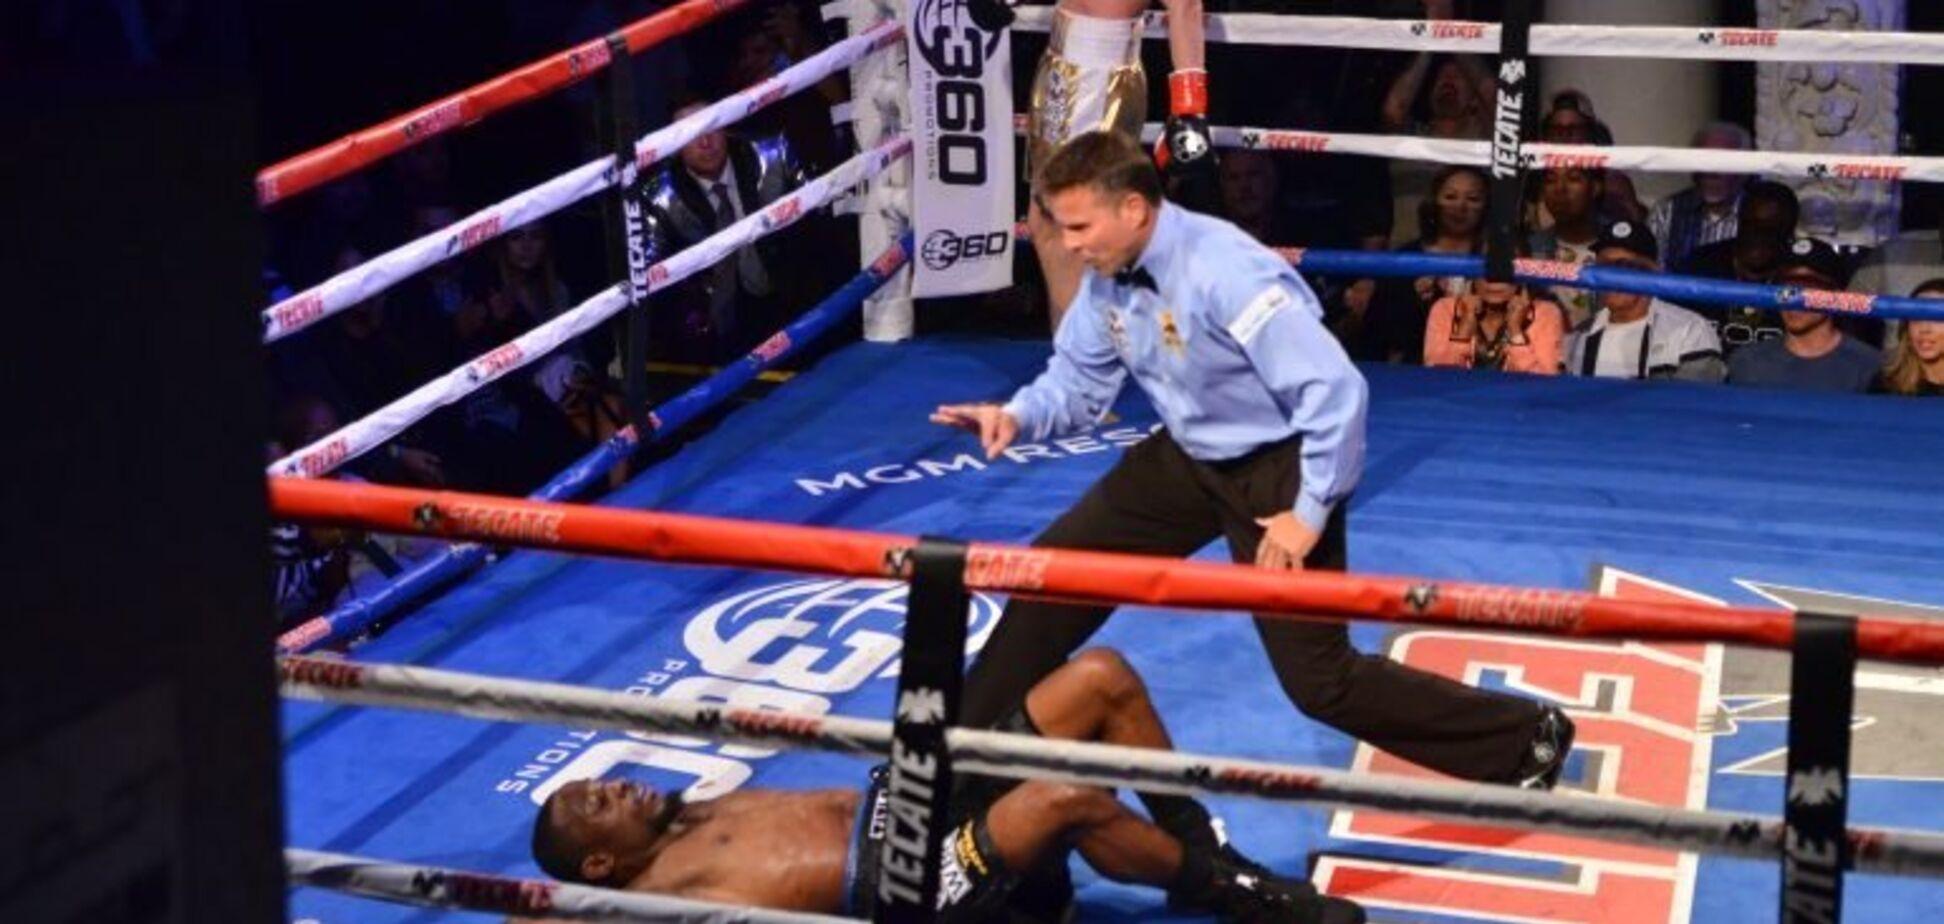 Украинский боксер брутальным нокаутом выиграл чемпионский бой в США